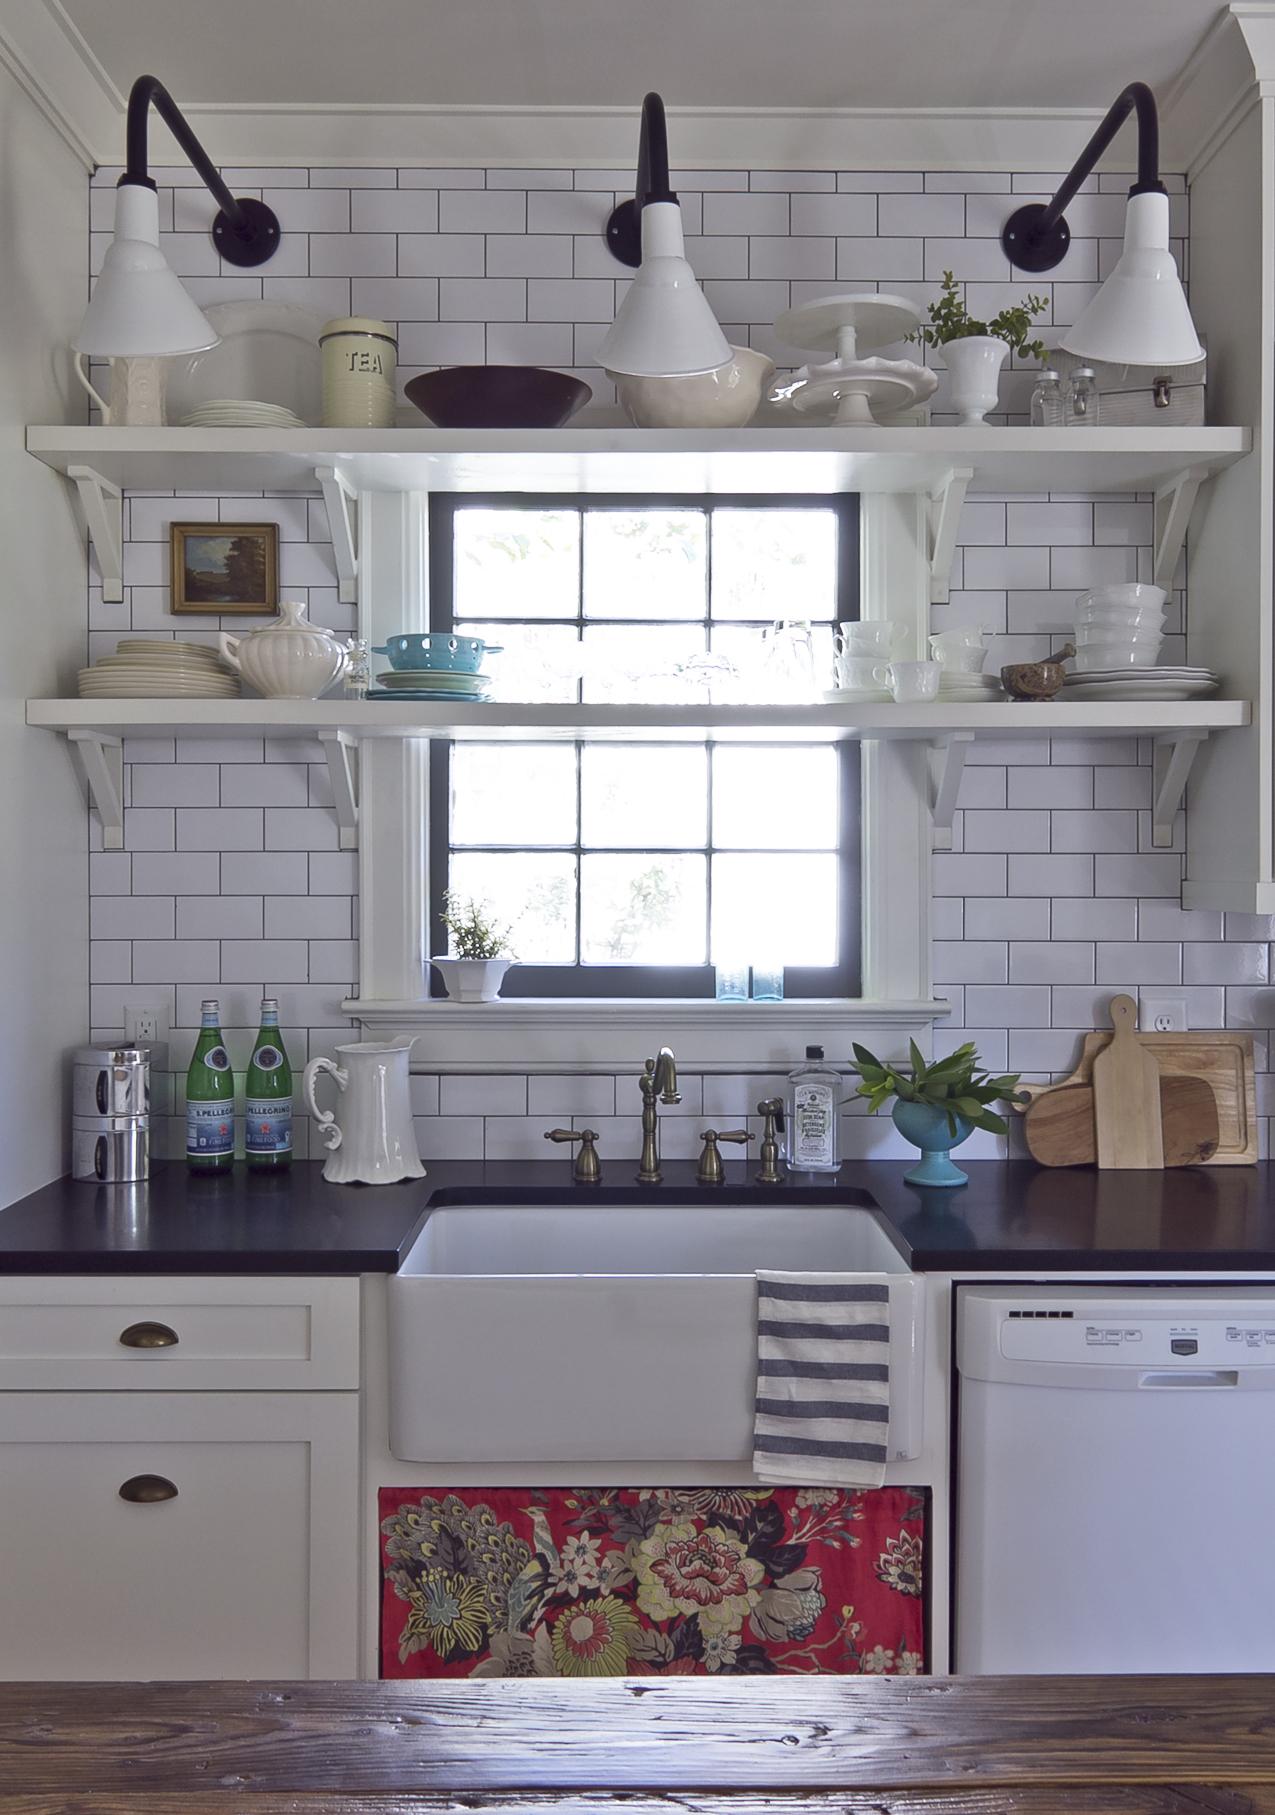 decatur kitchen 4.jpg